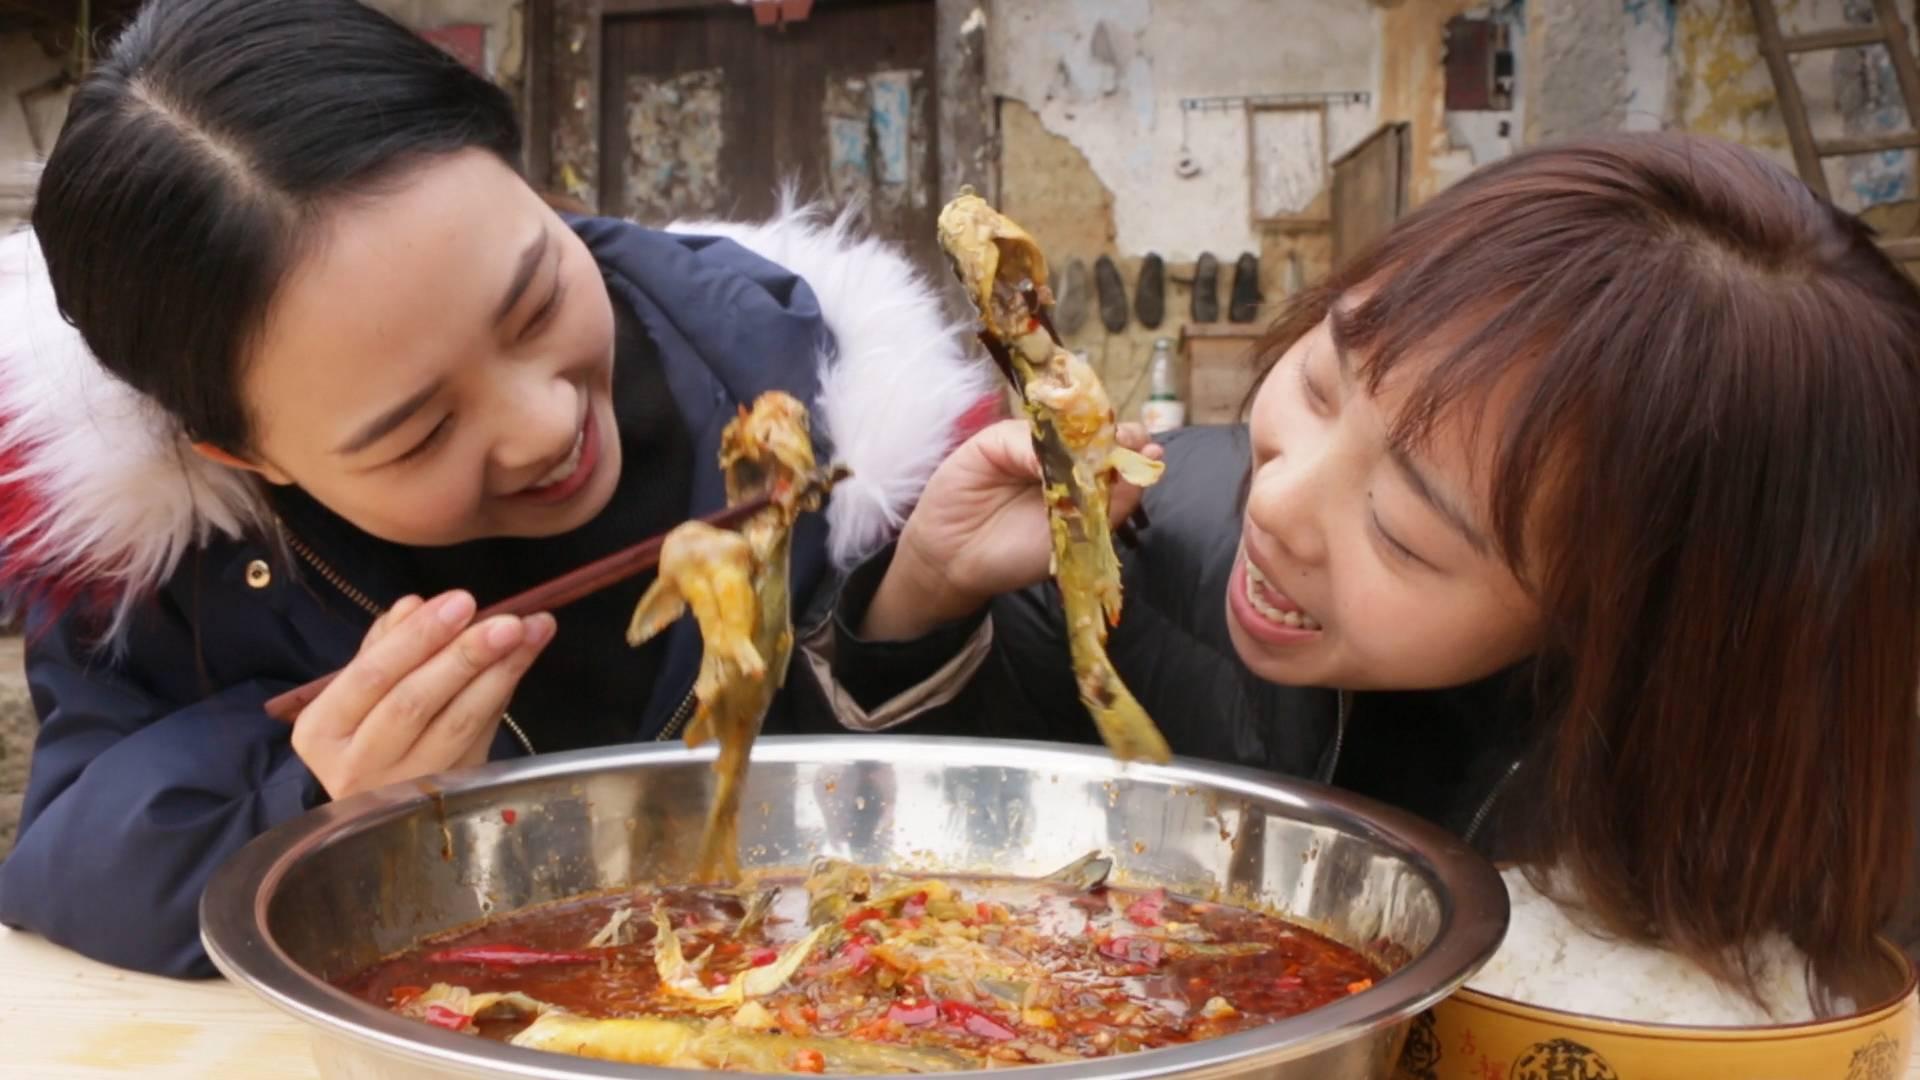 秋妹做了酸辣黄辣丁,肉质鲜嫩,开胃下饭,和姐姐猛吃猛吃真过瘾